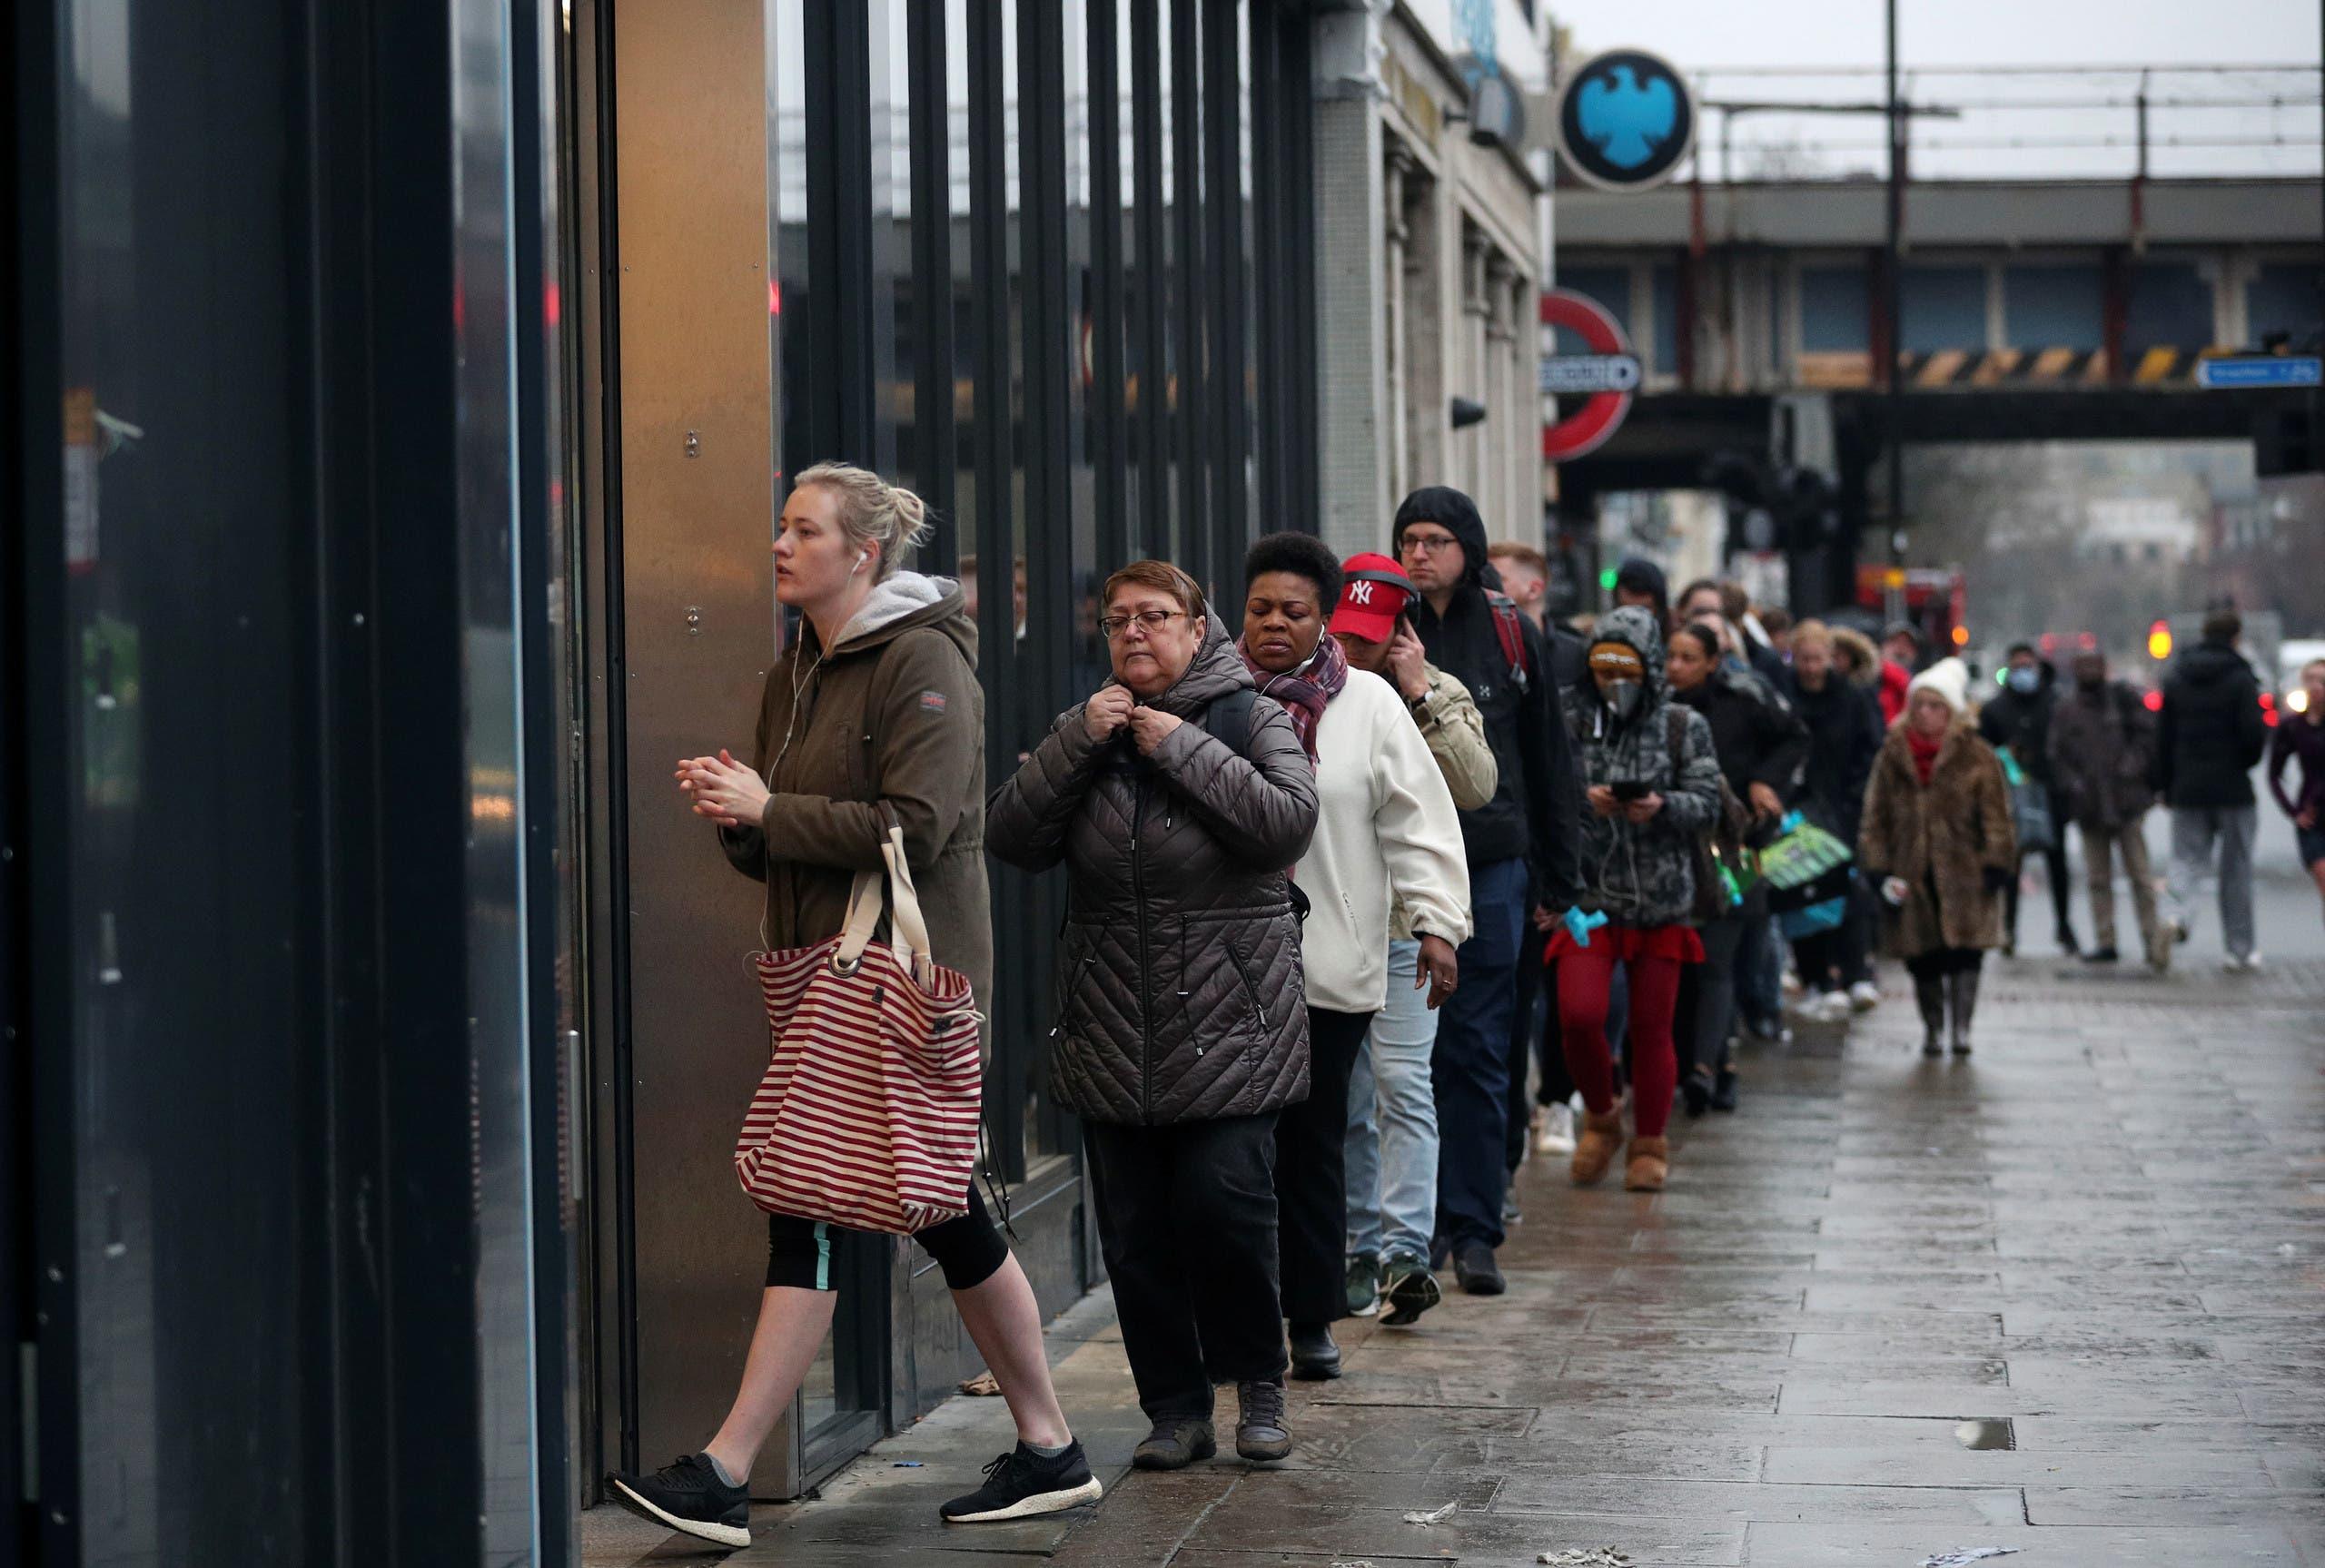 طابور أمام أحد المتاجر في لندن